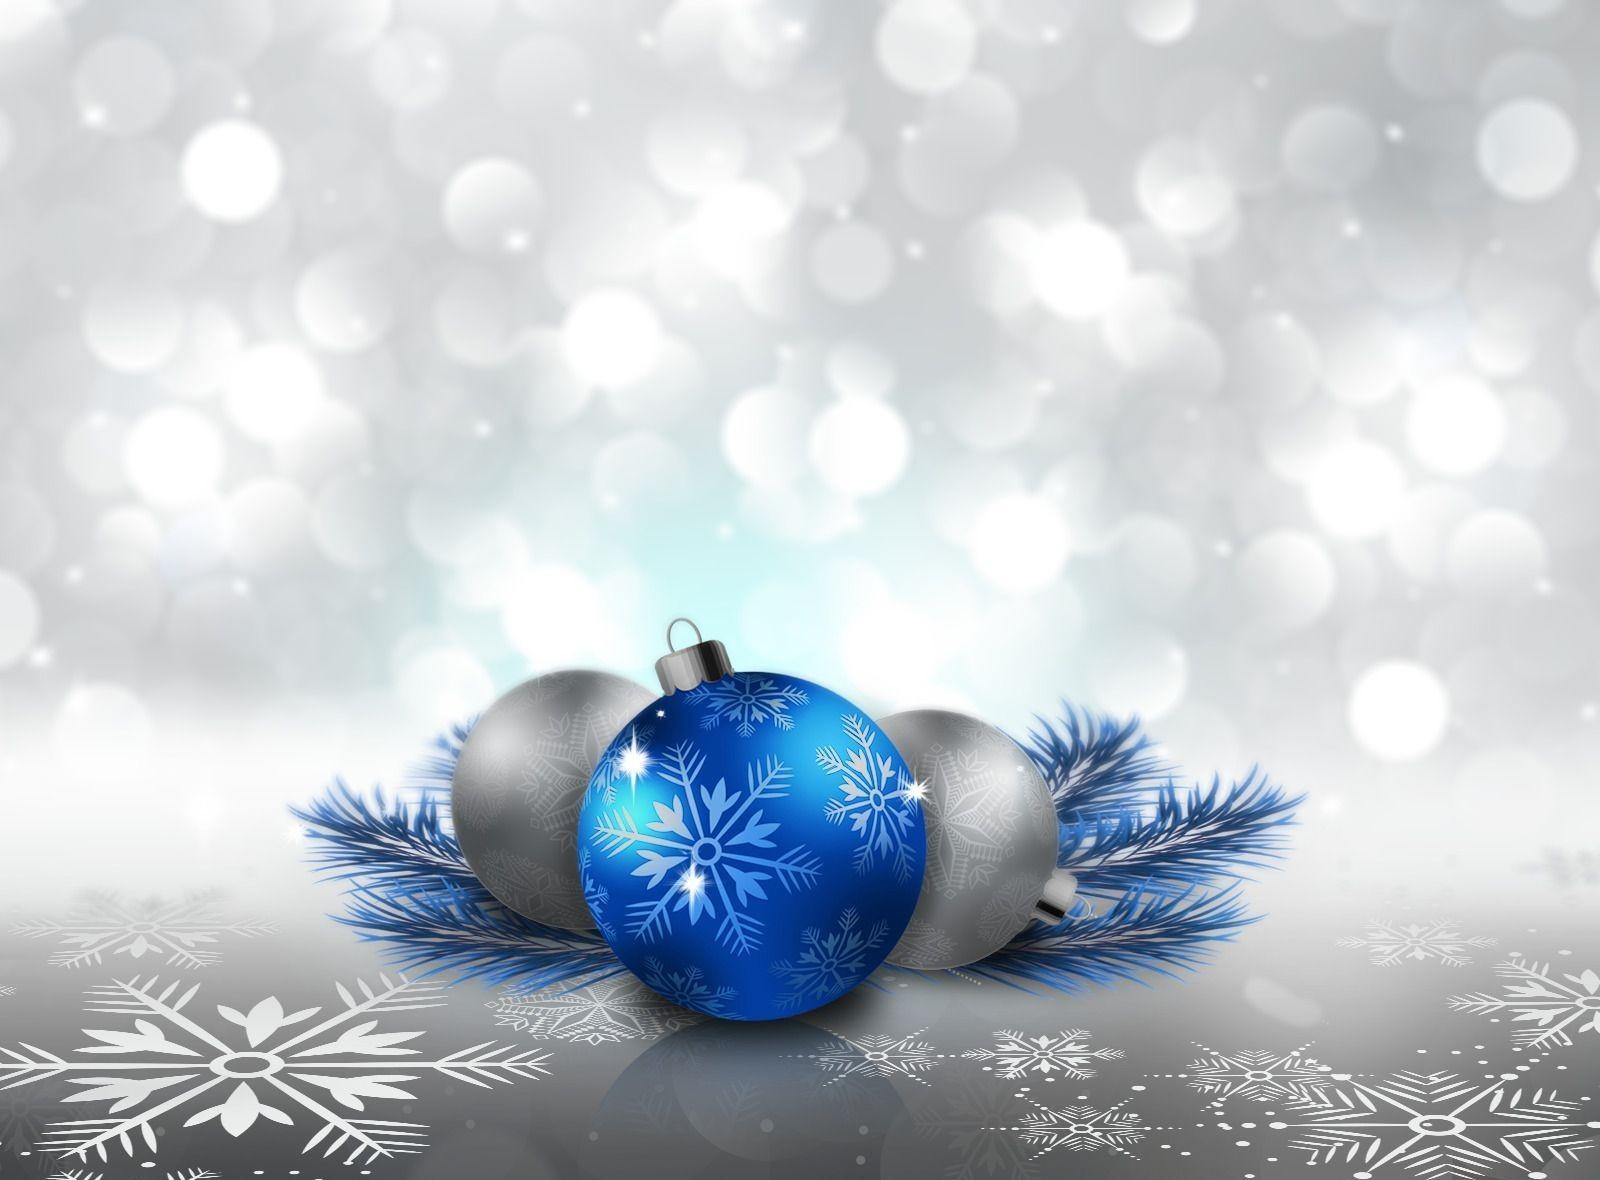 Hintergrundbilder : Kugel, Ast, blau, Kreis, Schneeflocken, Nadeln ...